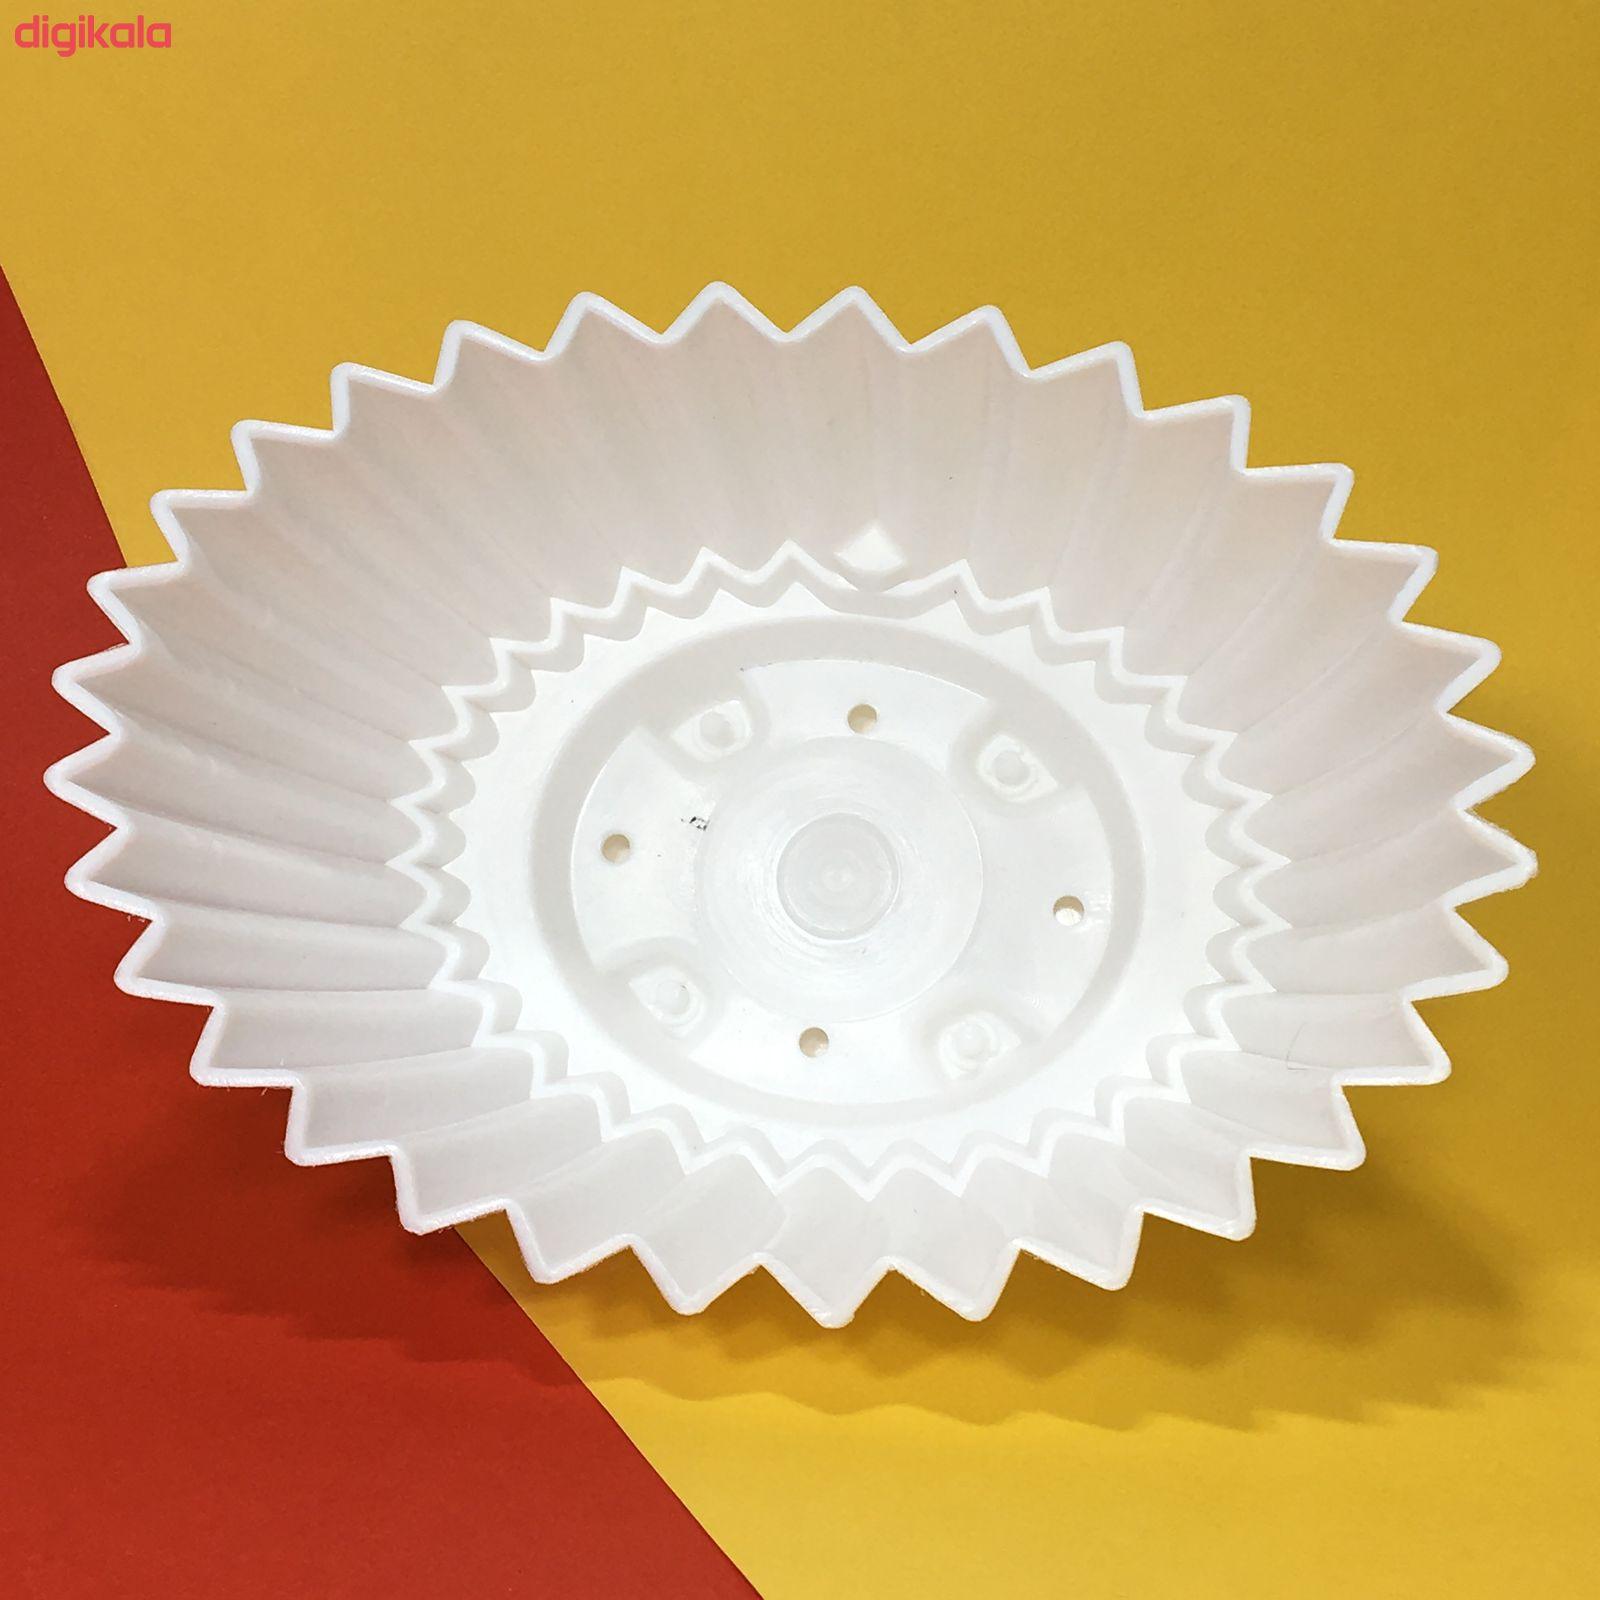 گلدان دانیال پلاستیک کد 3011 مجموعه 3 عددی main 1 2